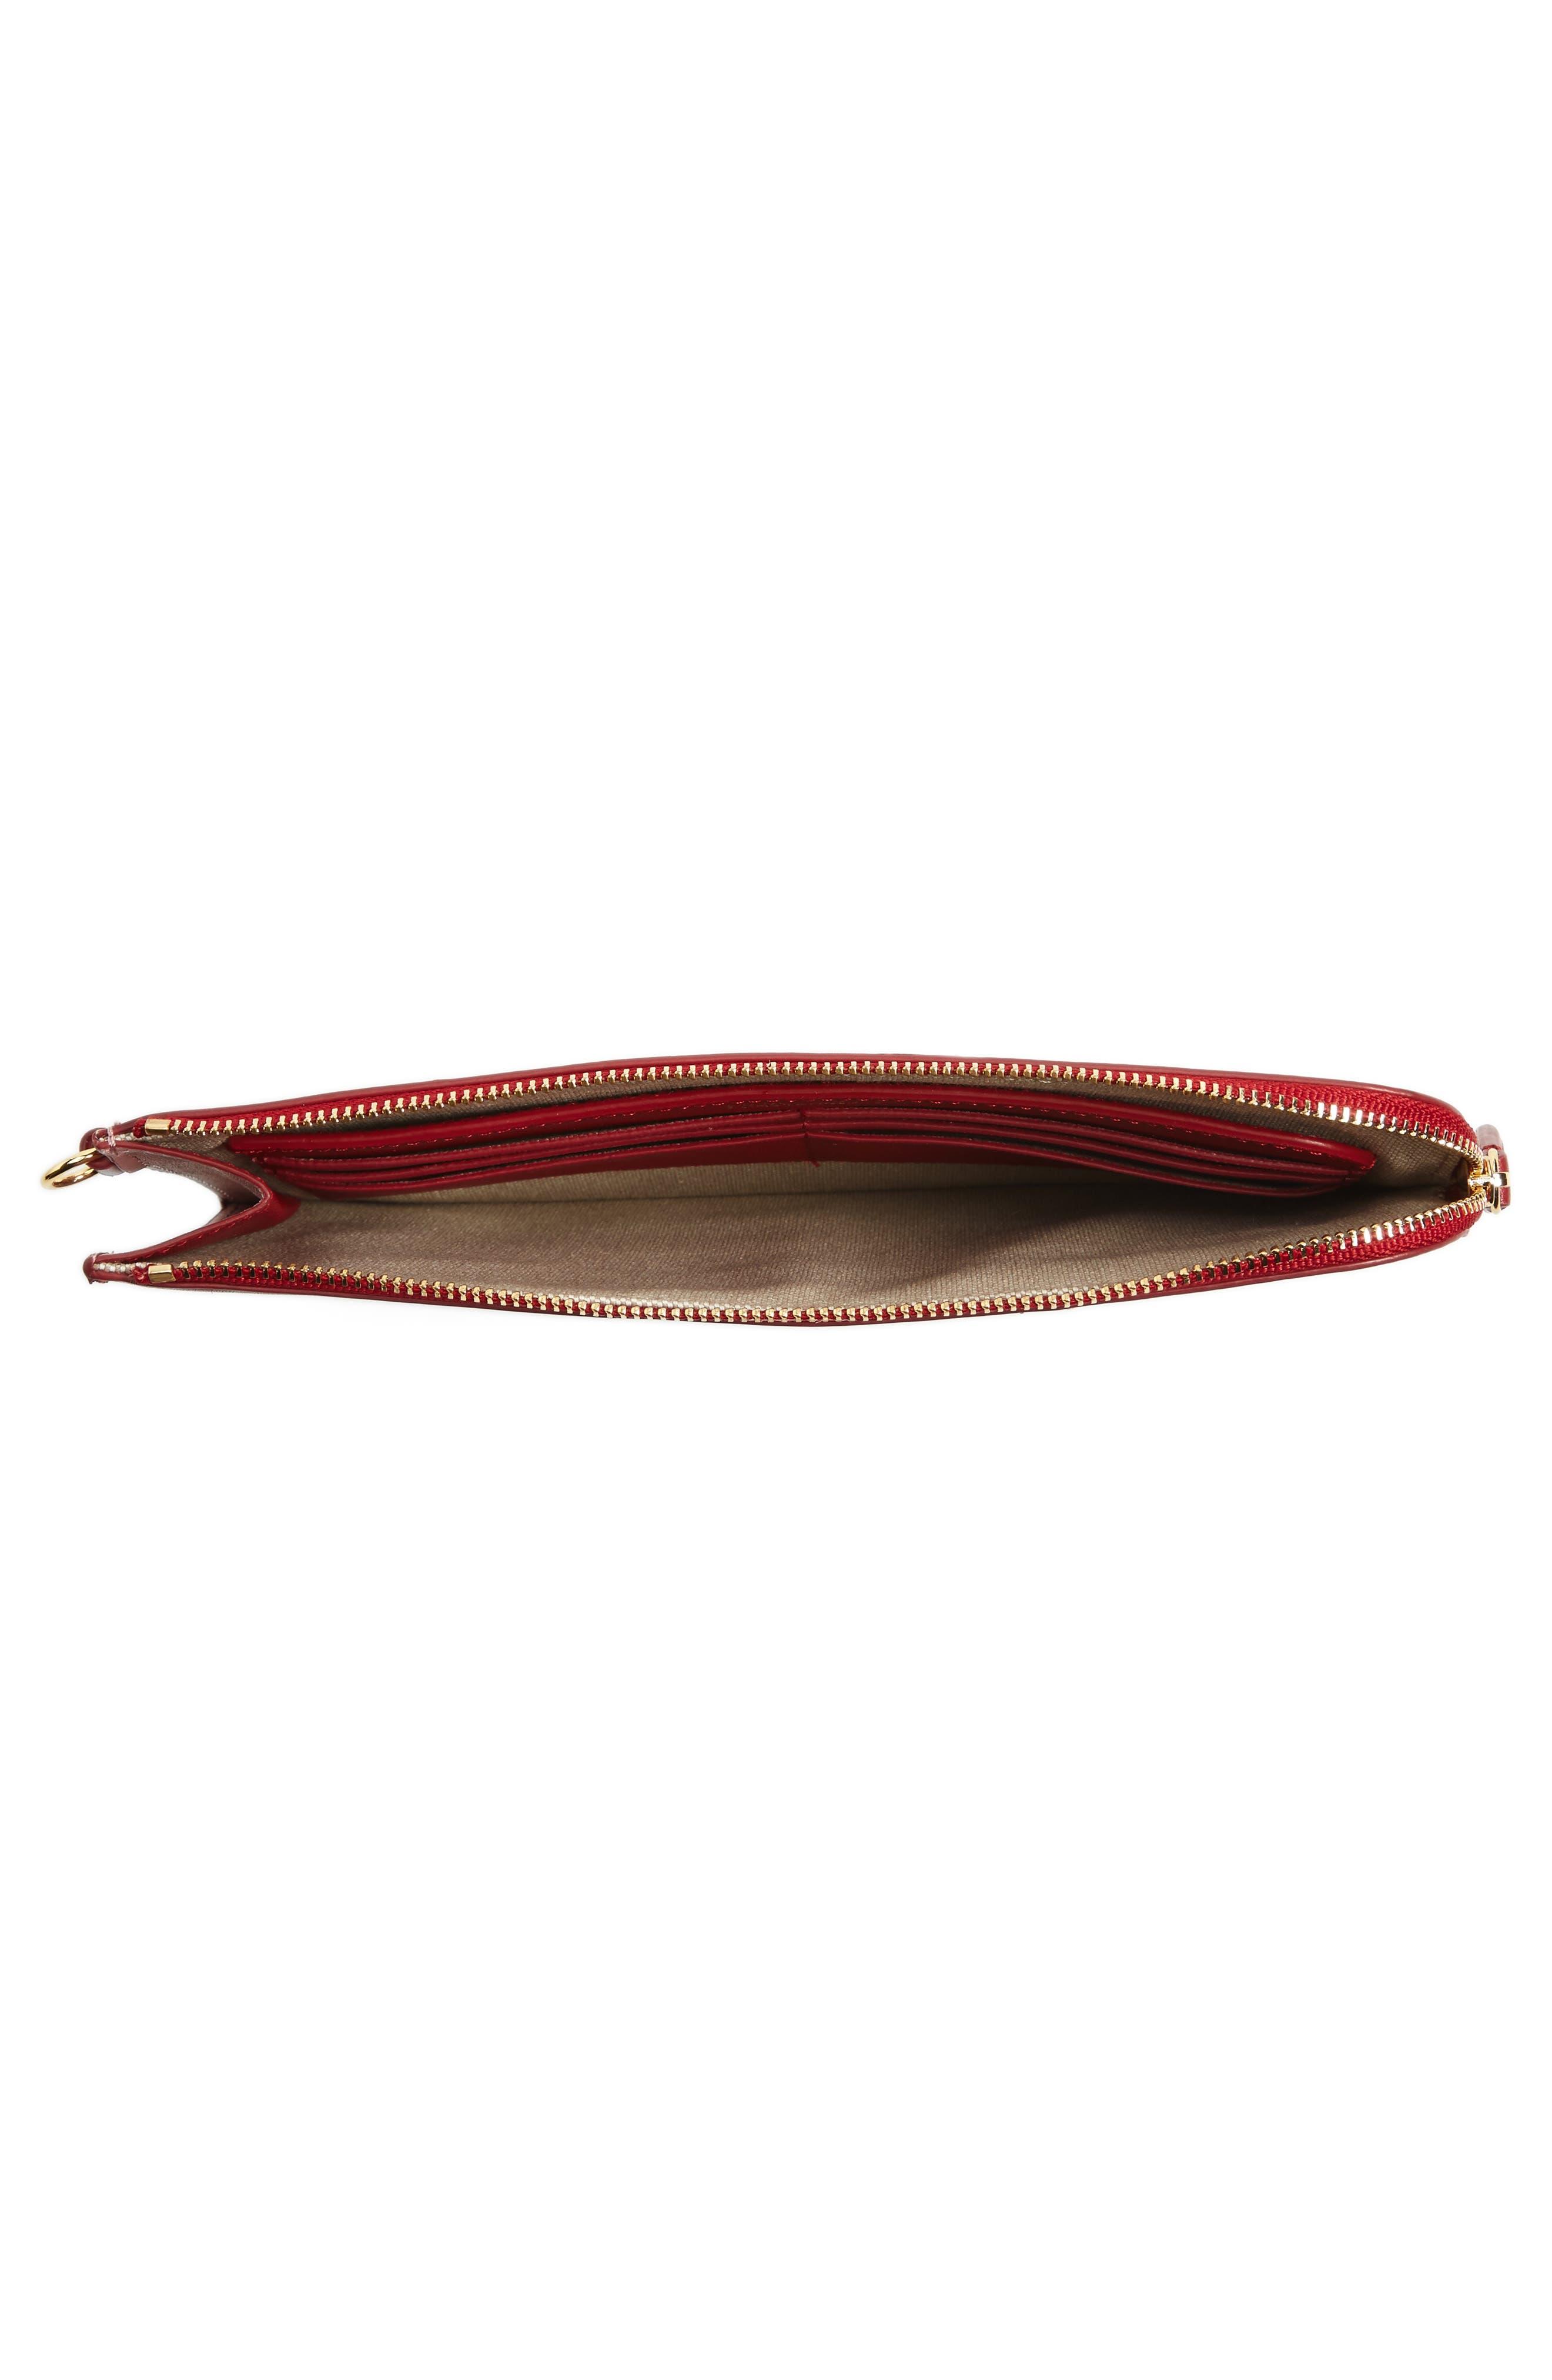 Medium Leather Zip Pouch,                             Alternate thumbnail 4, color,                             Purple